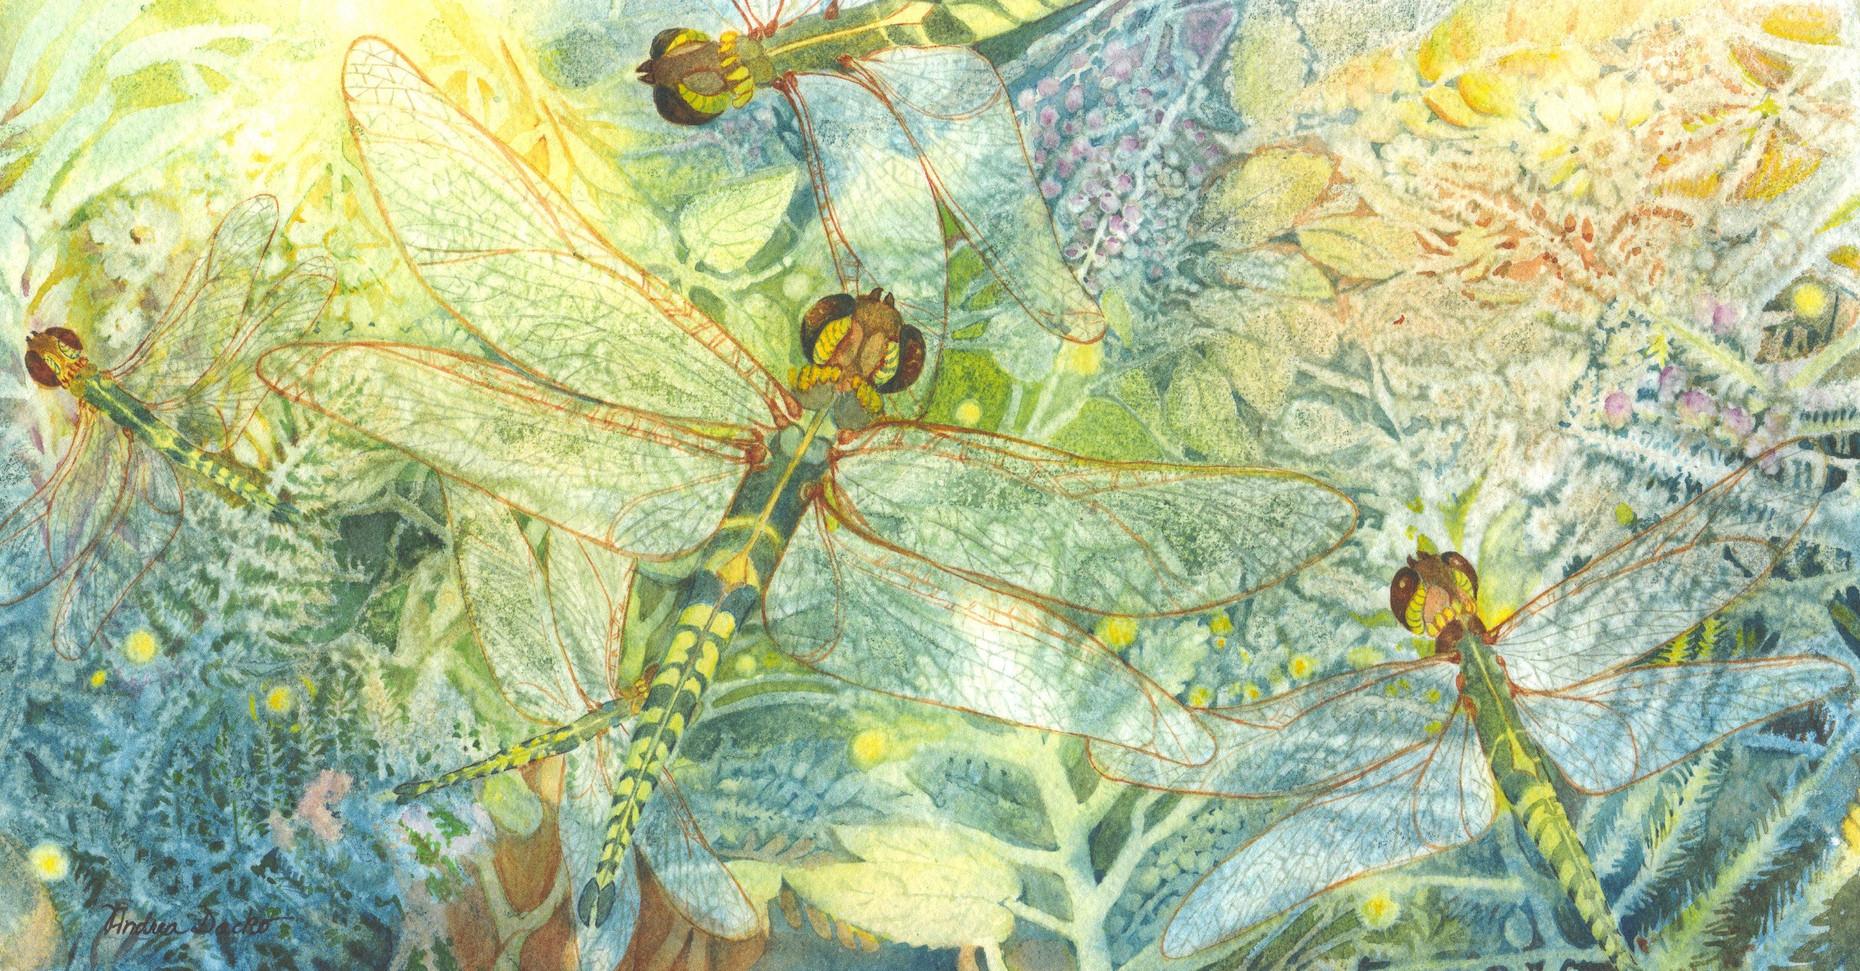 Andrea Dacko - Dragonfly Swarm.jpg